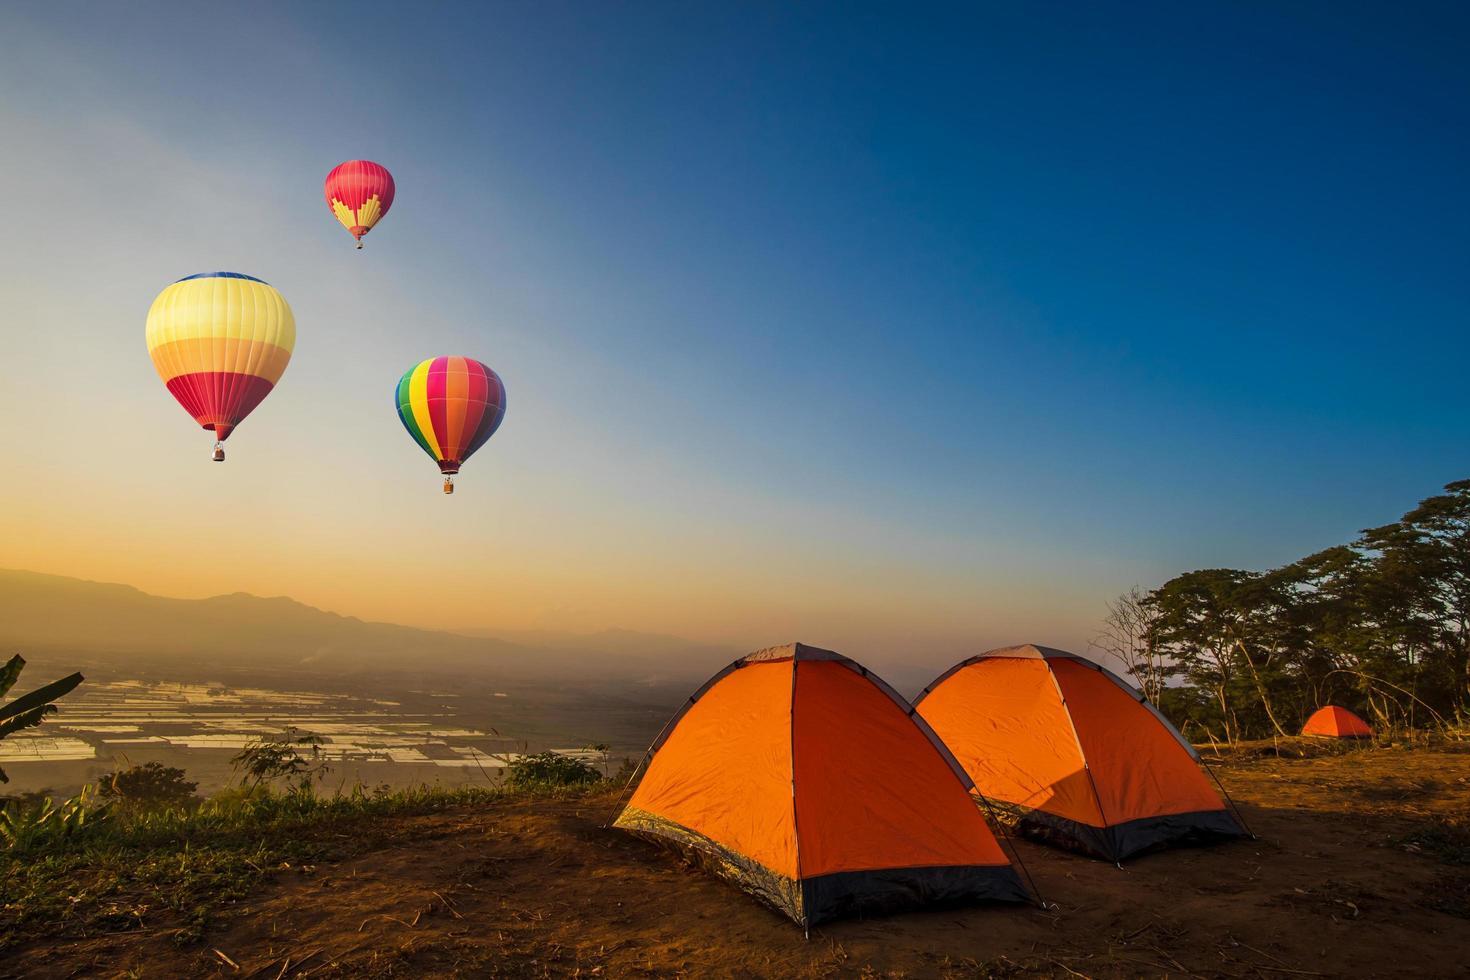 Heißluftballons fliegen in der Nähe von Campingzelten foto